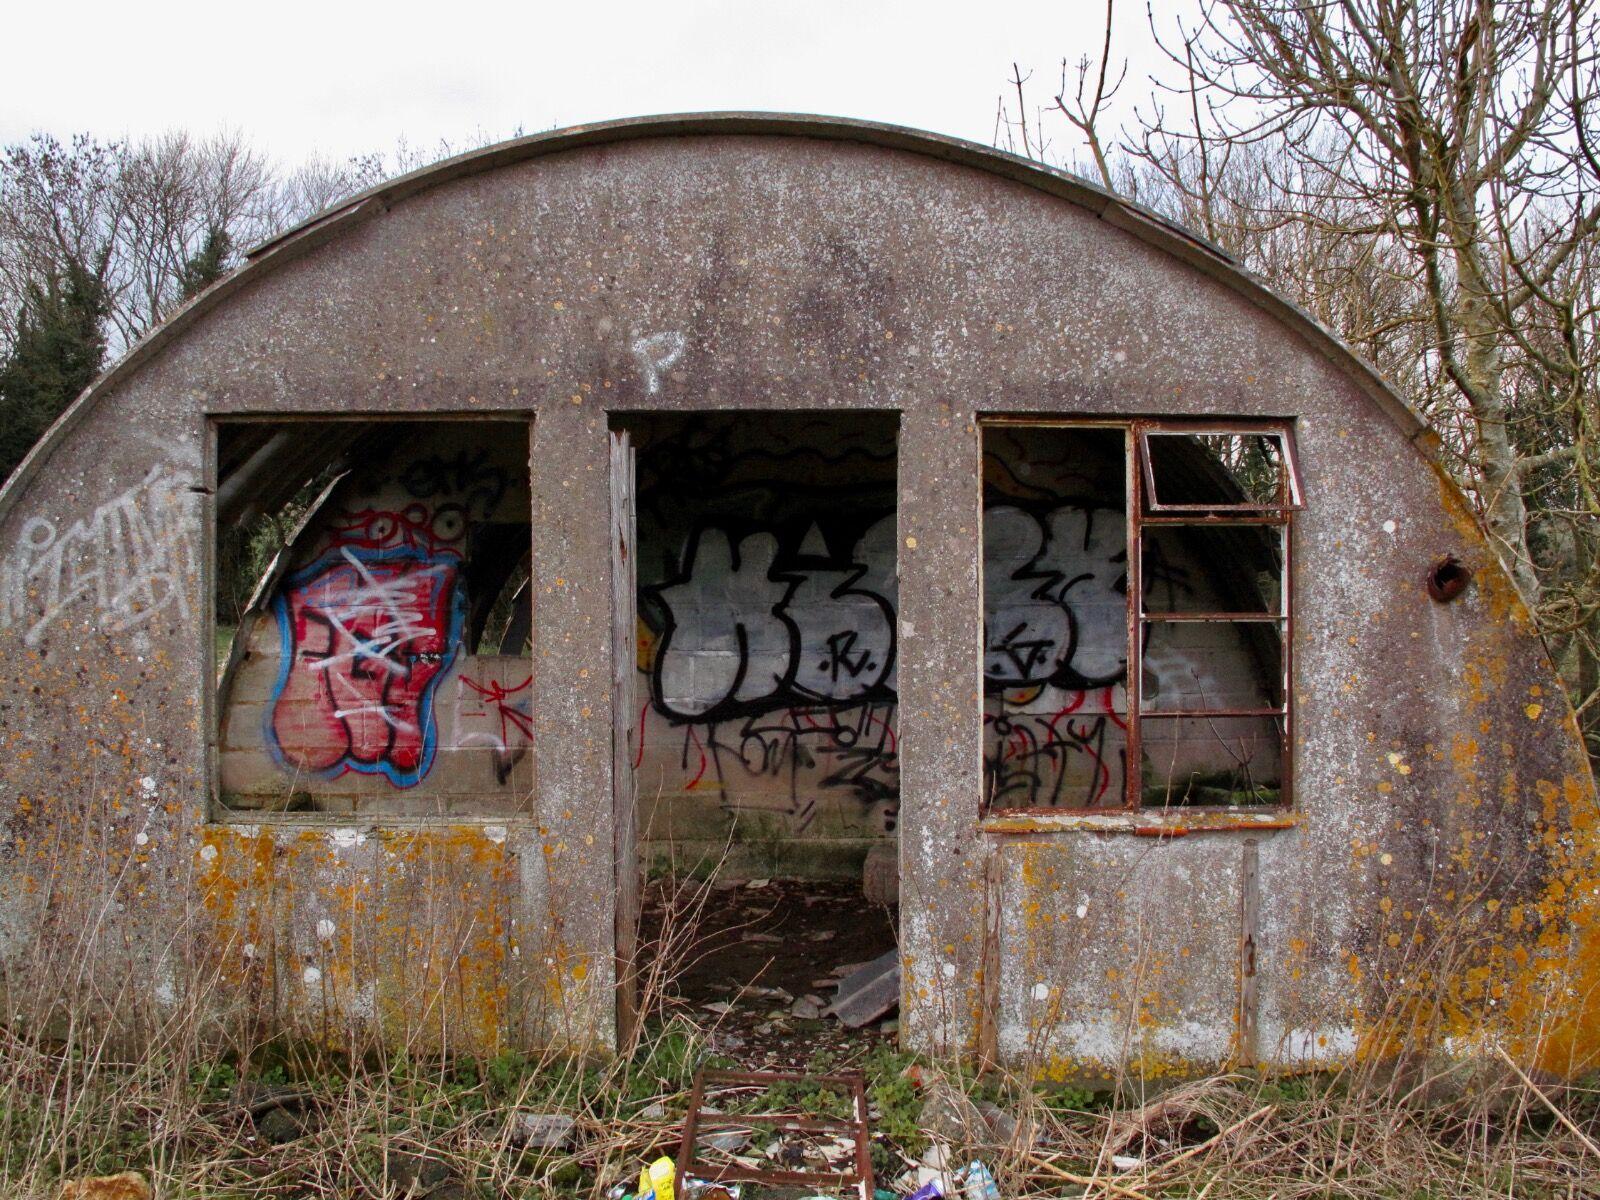 Cowshed Graffiti / 10